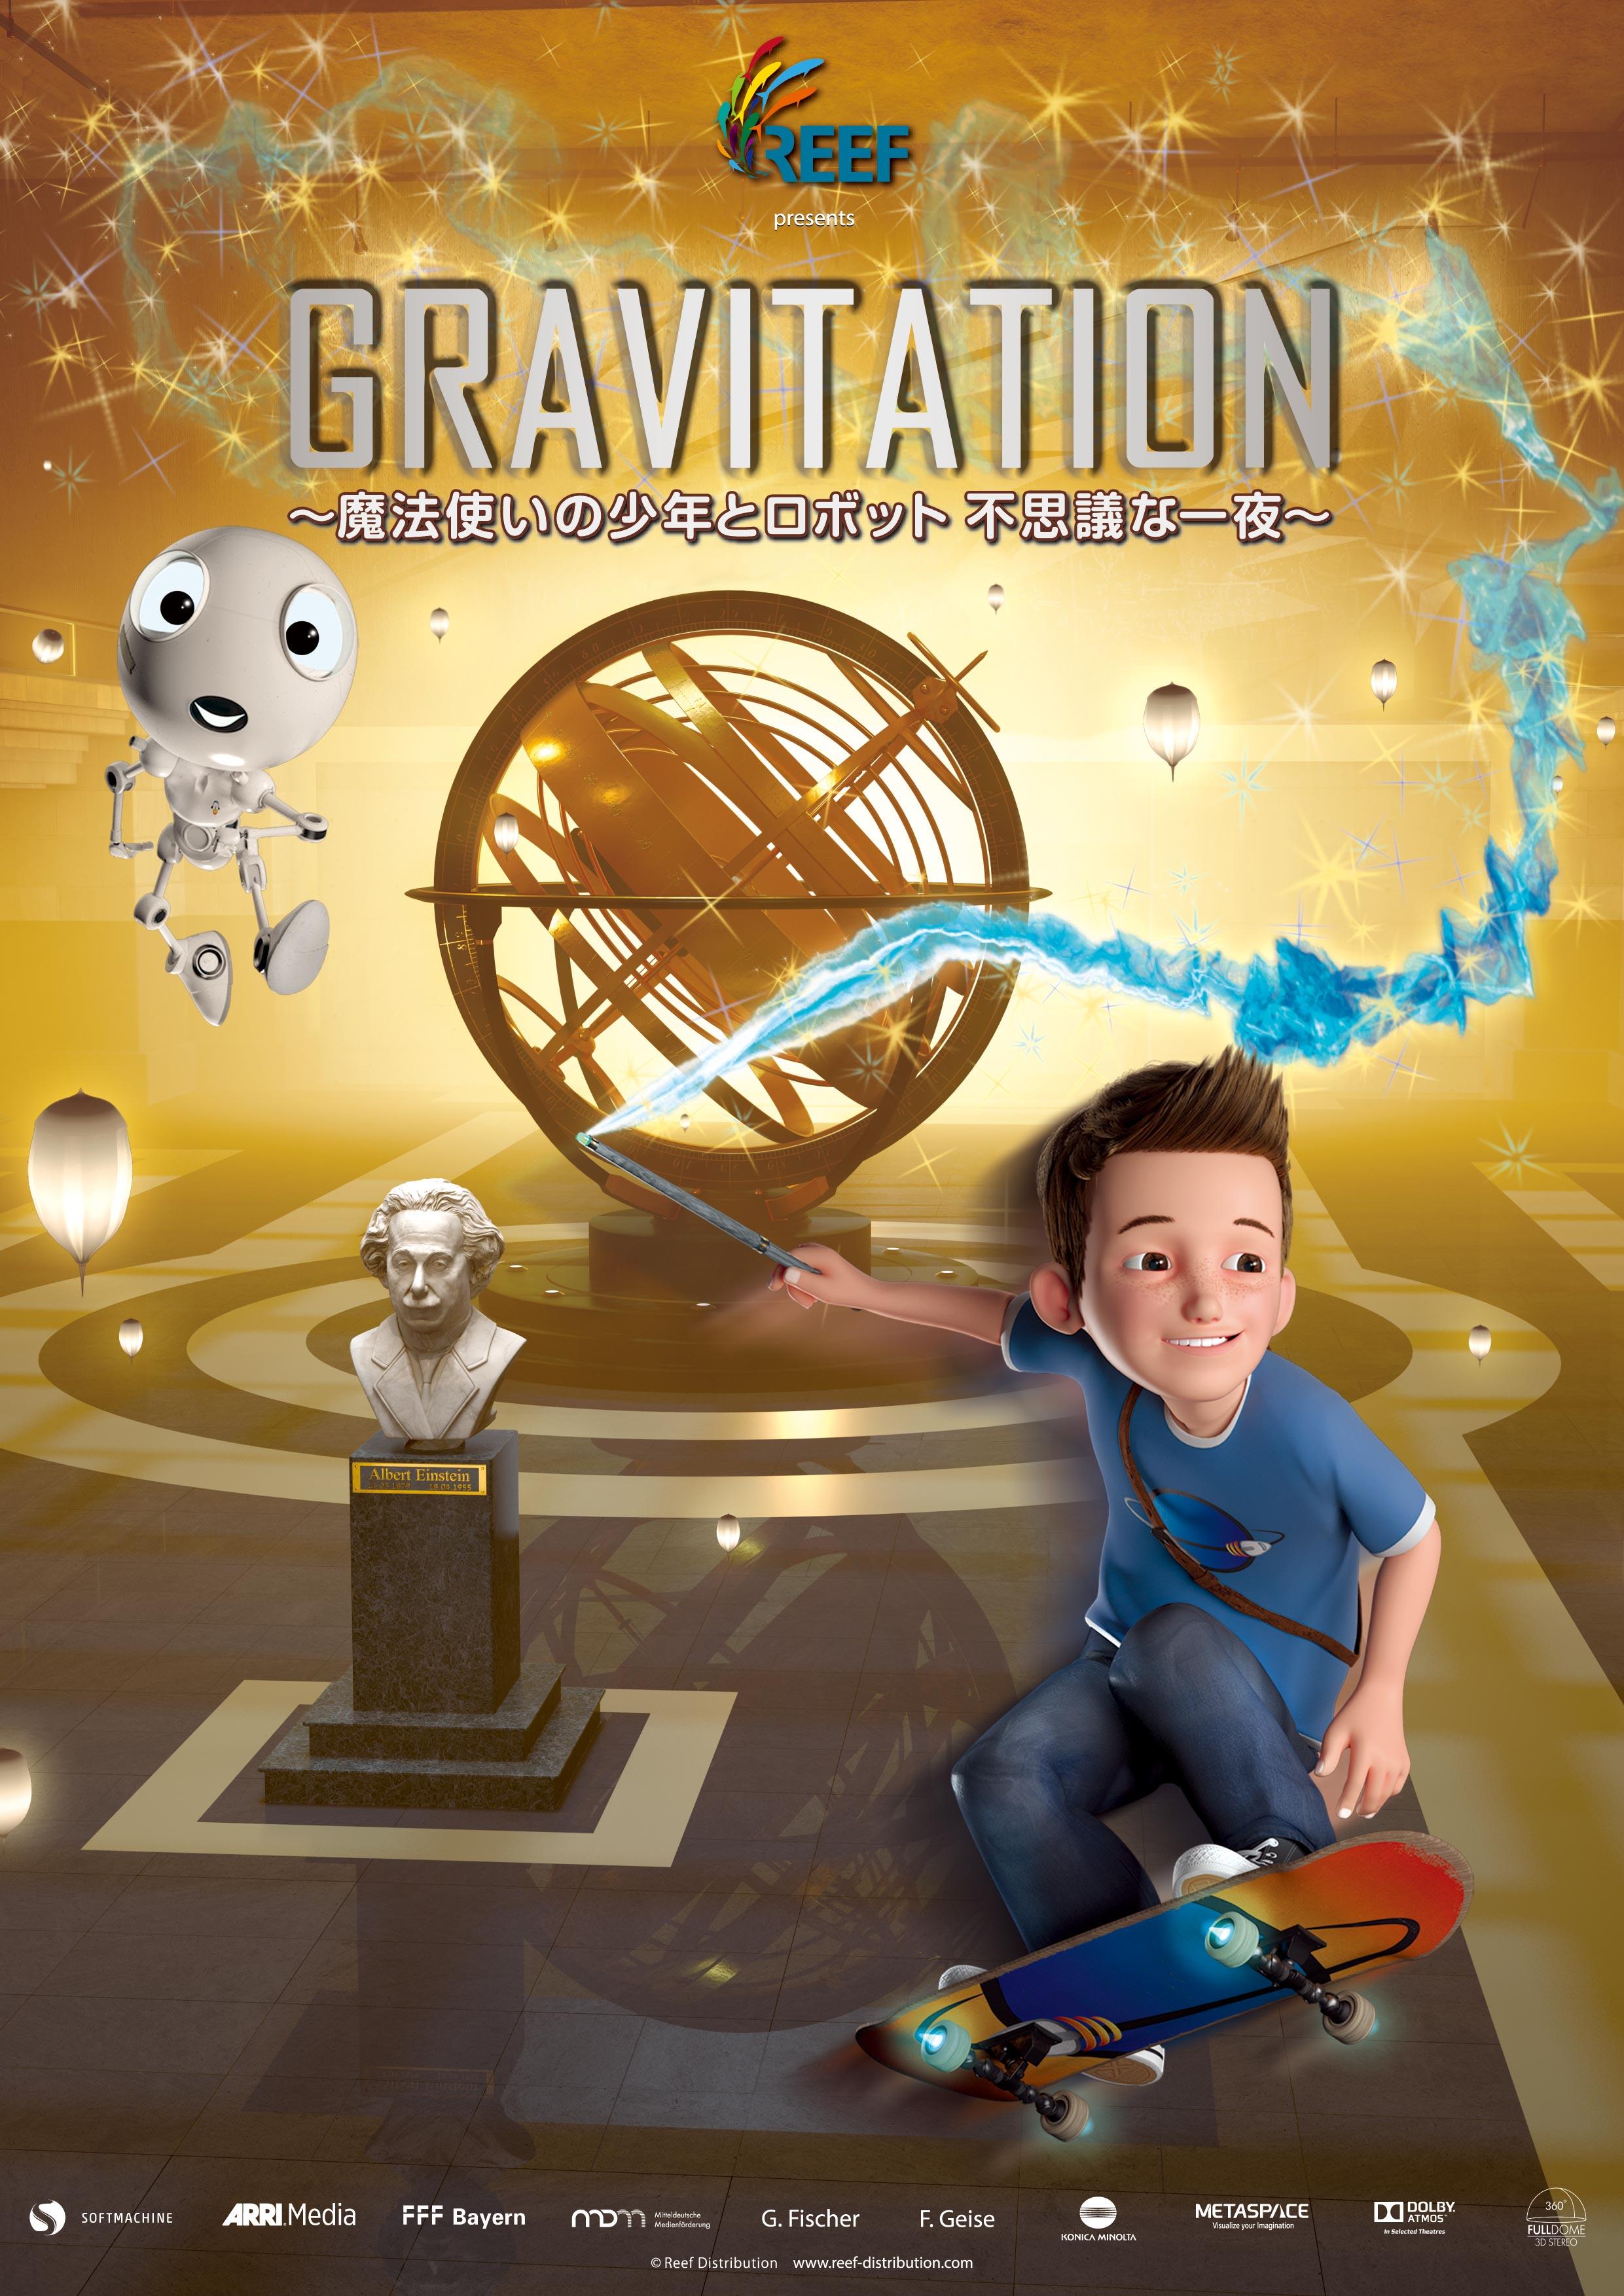 GRAVITATION(グラビテーション)<br>~魔法使いの少年とロボット 不思議な一夜~